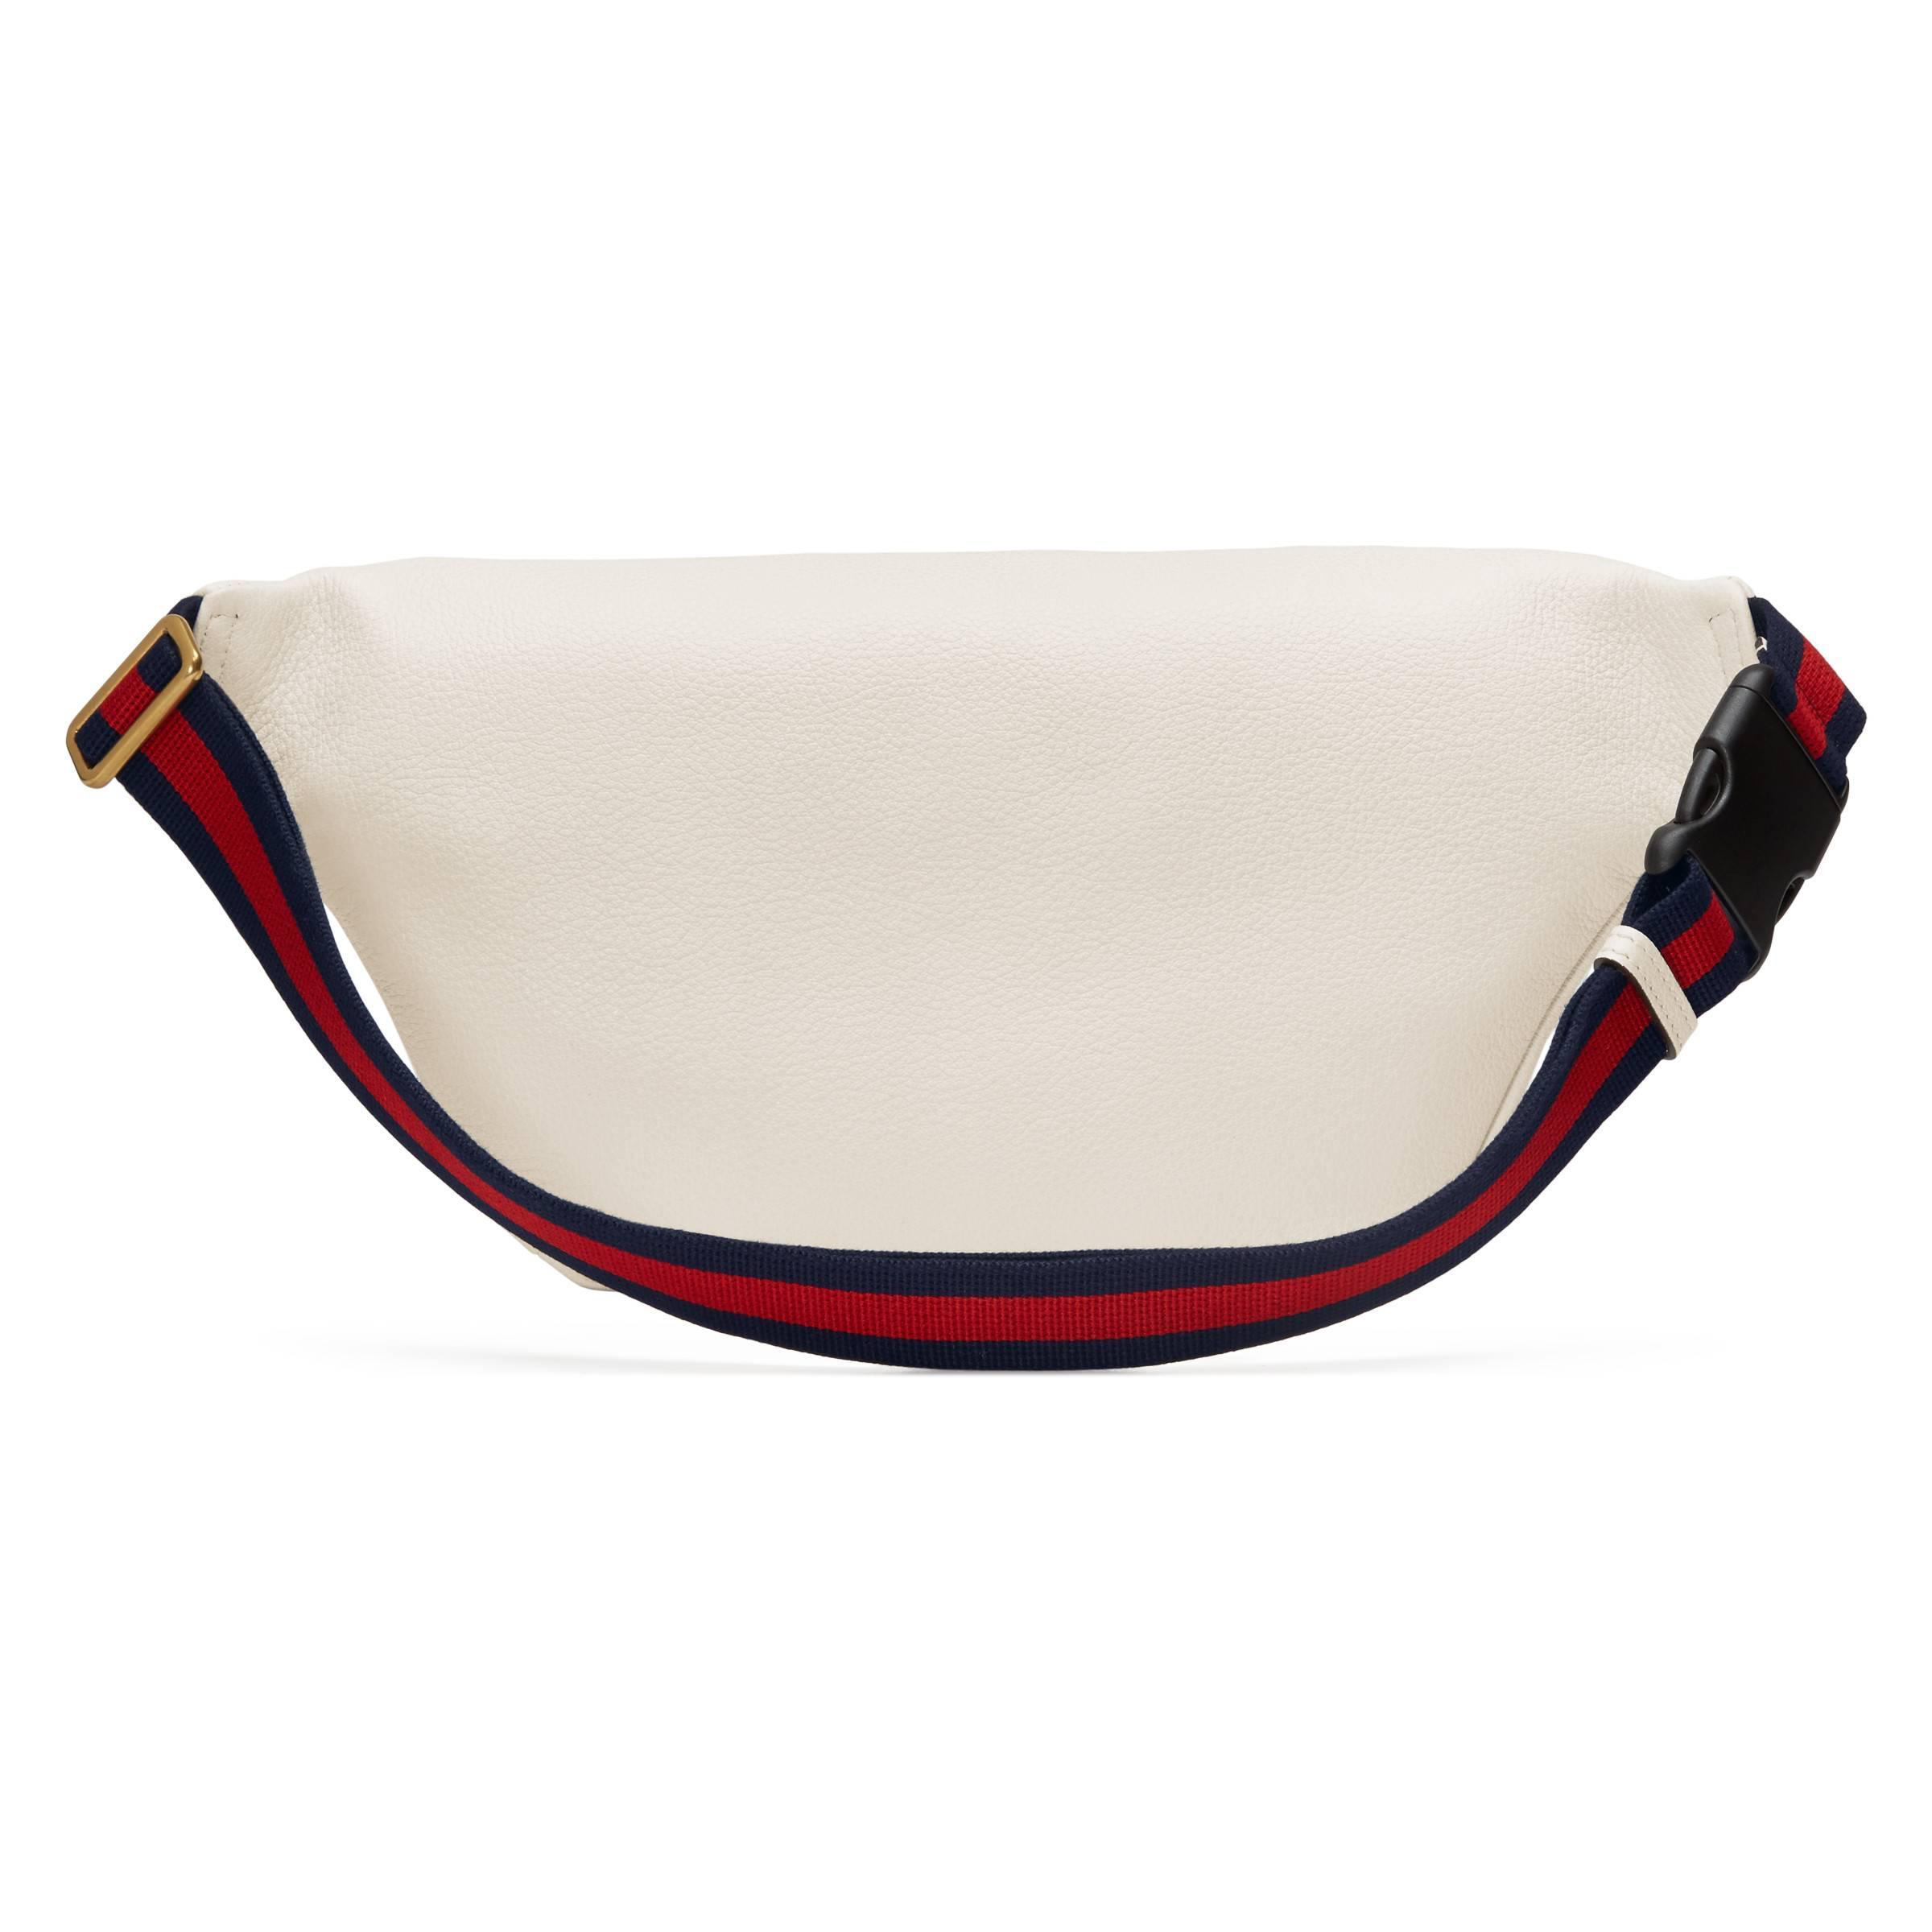 Gucci - White Sac ceinture en cuir imprimé for Men - Lyst. Afficher en  plein écran 074b9145253